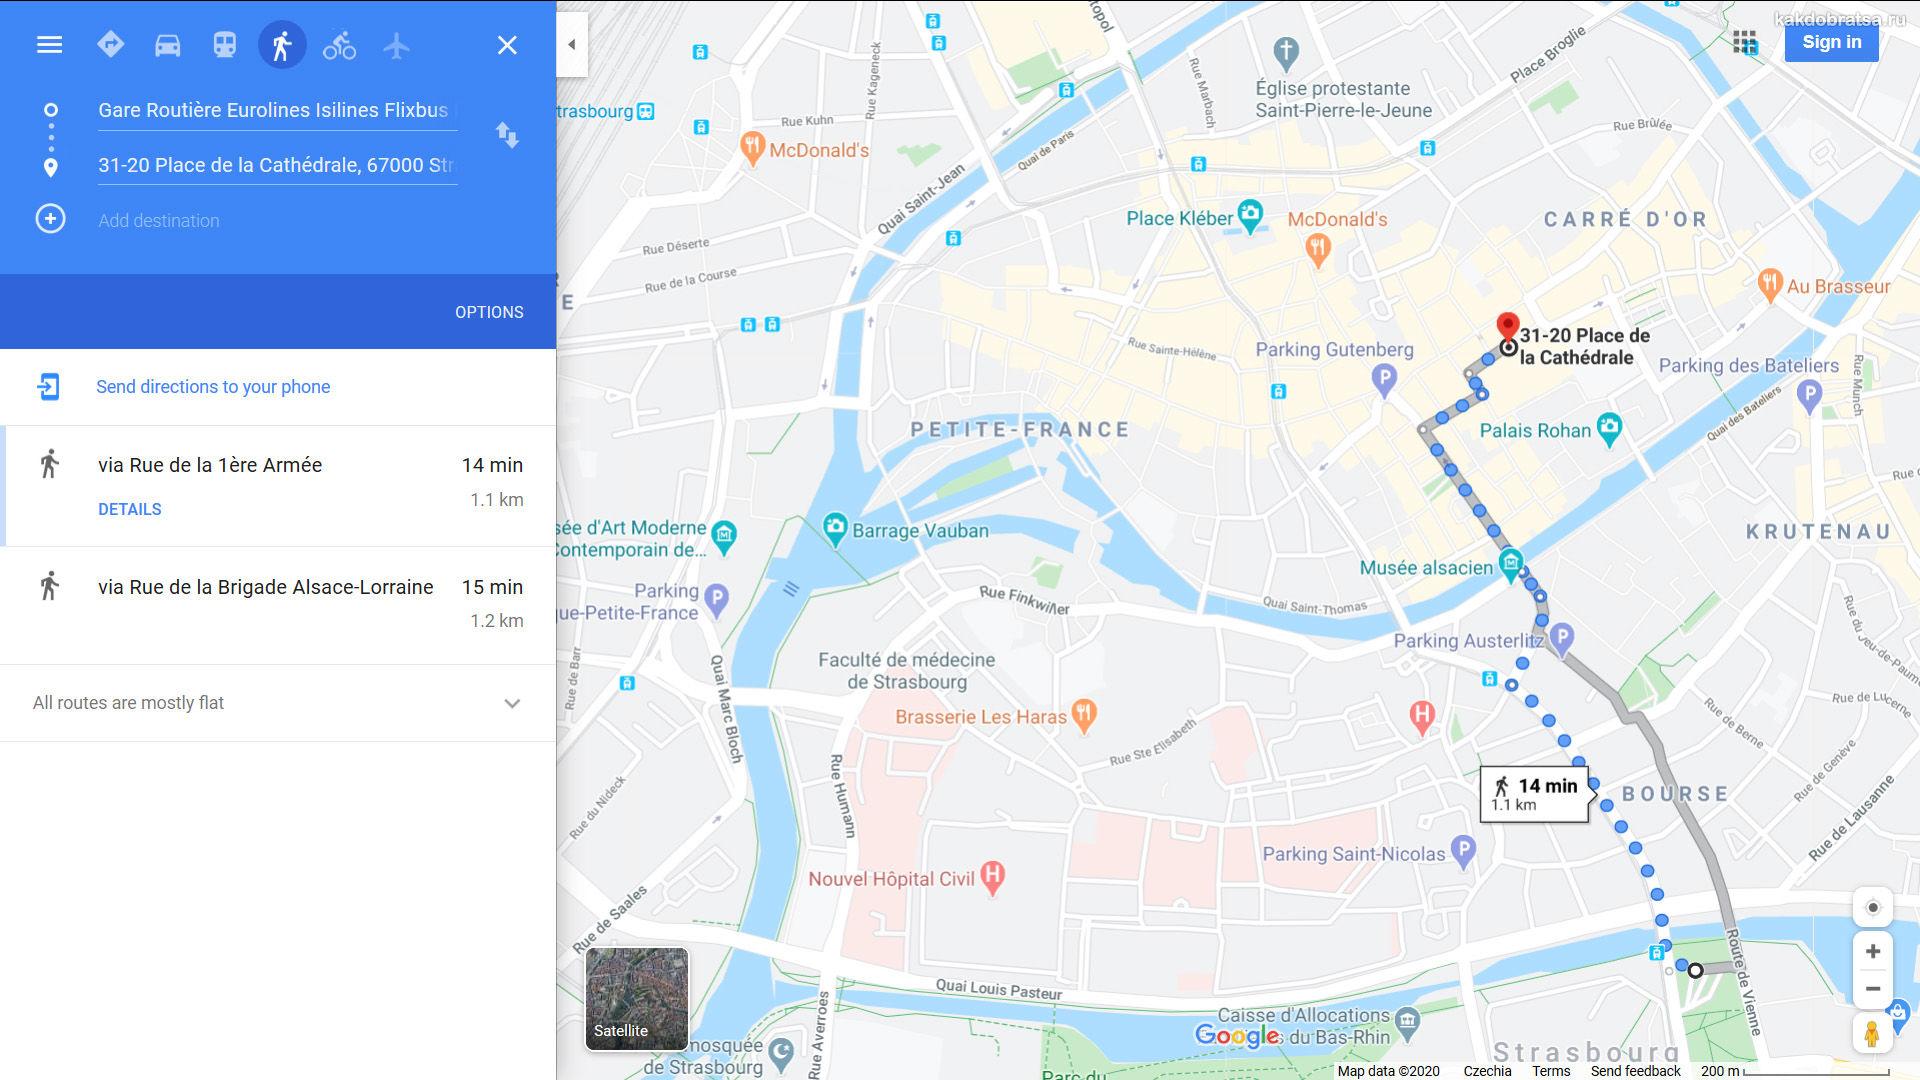 Автовокзал Страсбурга на карте где находится